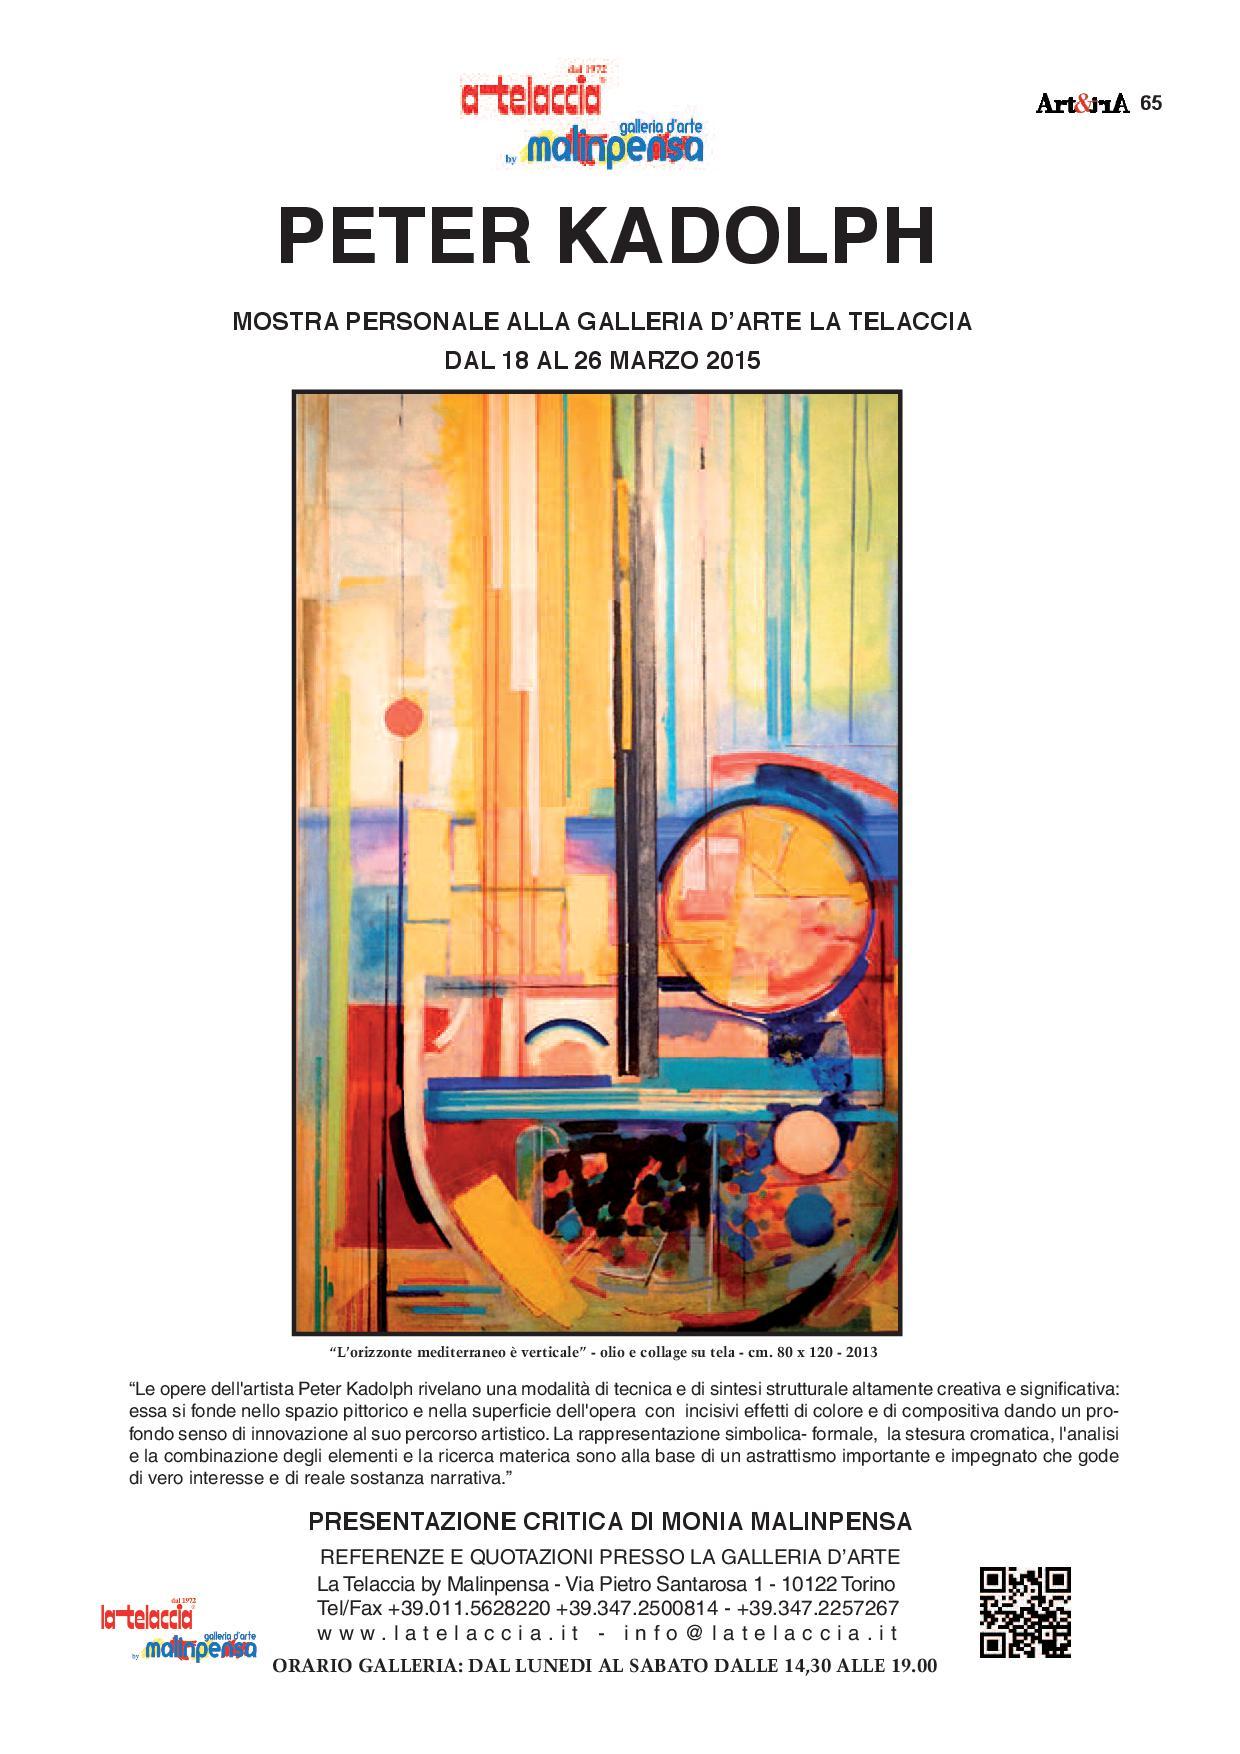 RIVISTA ART & ART DELL'ARTISTA PETER KADOLPH.jpg